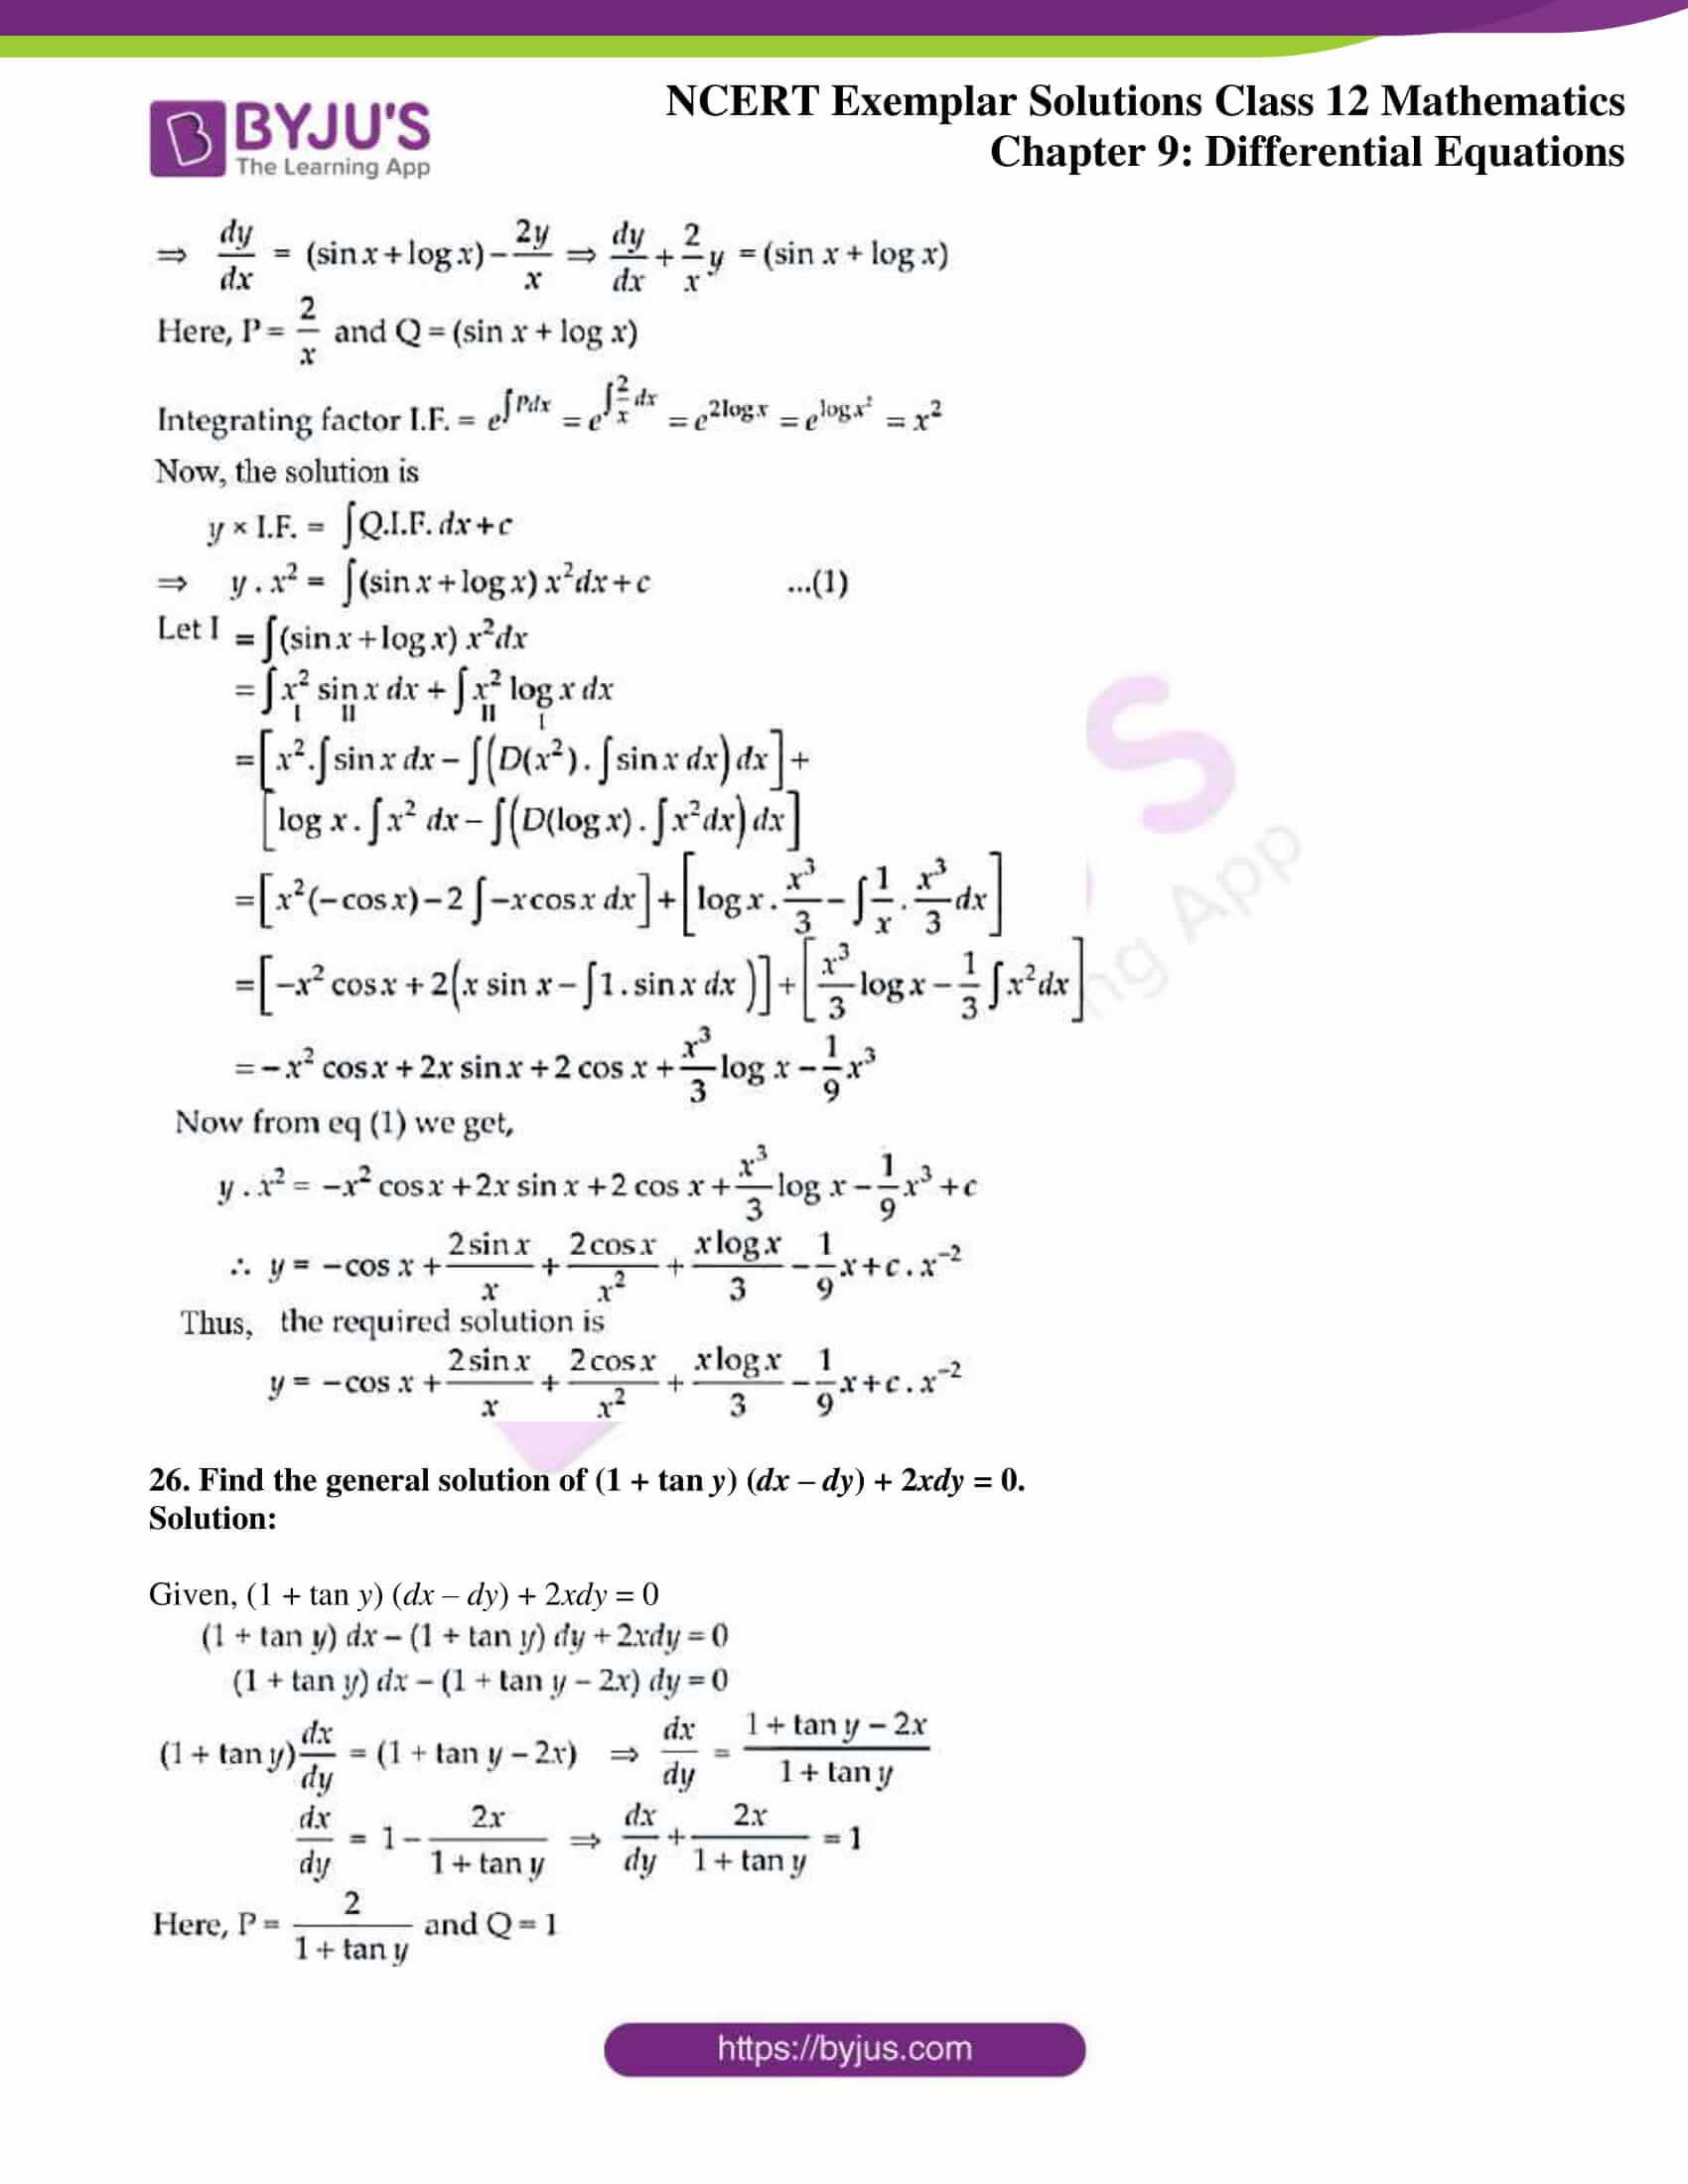 ncert exemplar sol class 12 mathematics ch 9 15